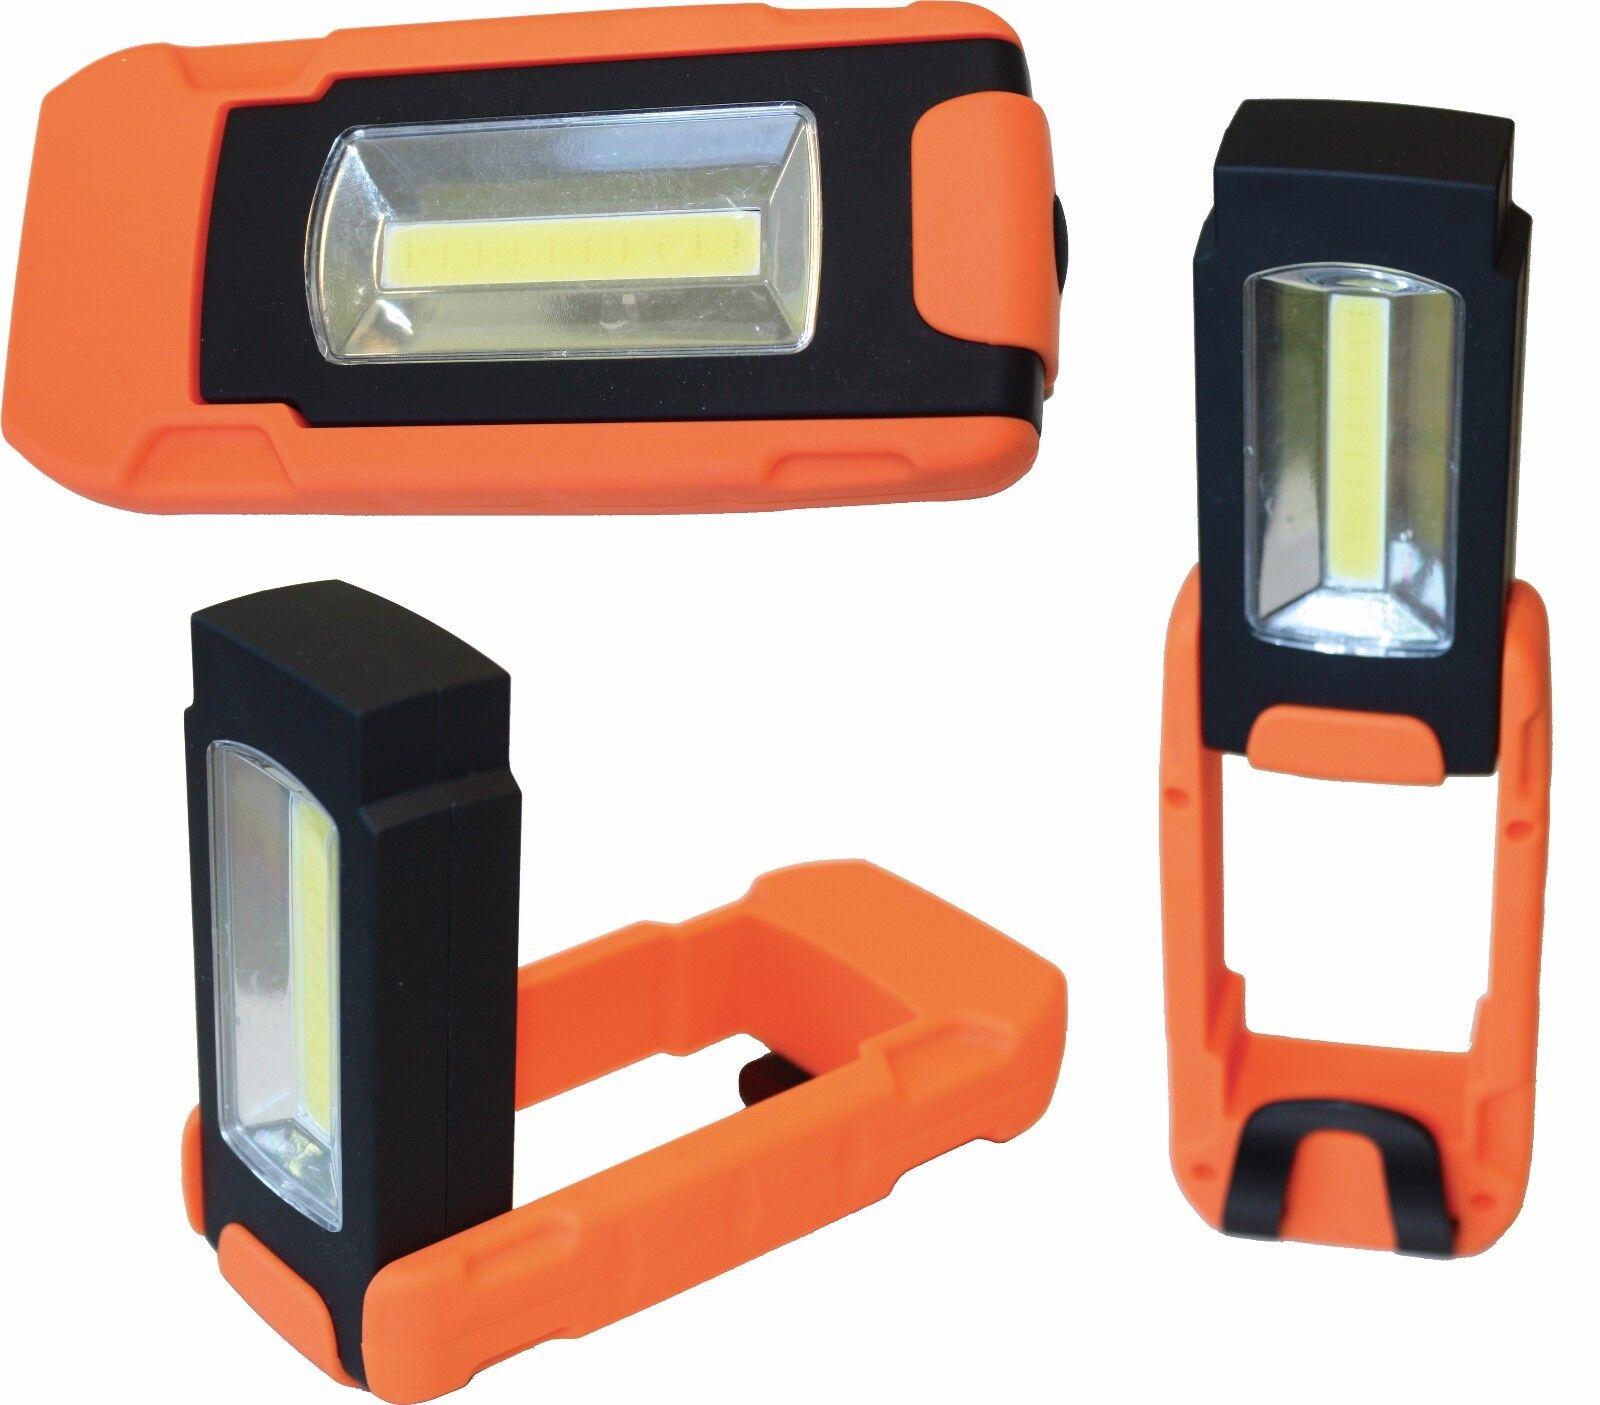 Travail Lampe Torche Led 103089 Atelier Lampe Torche Lampe 927fd1